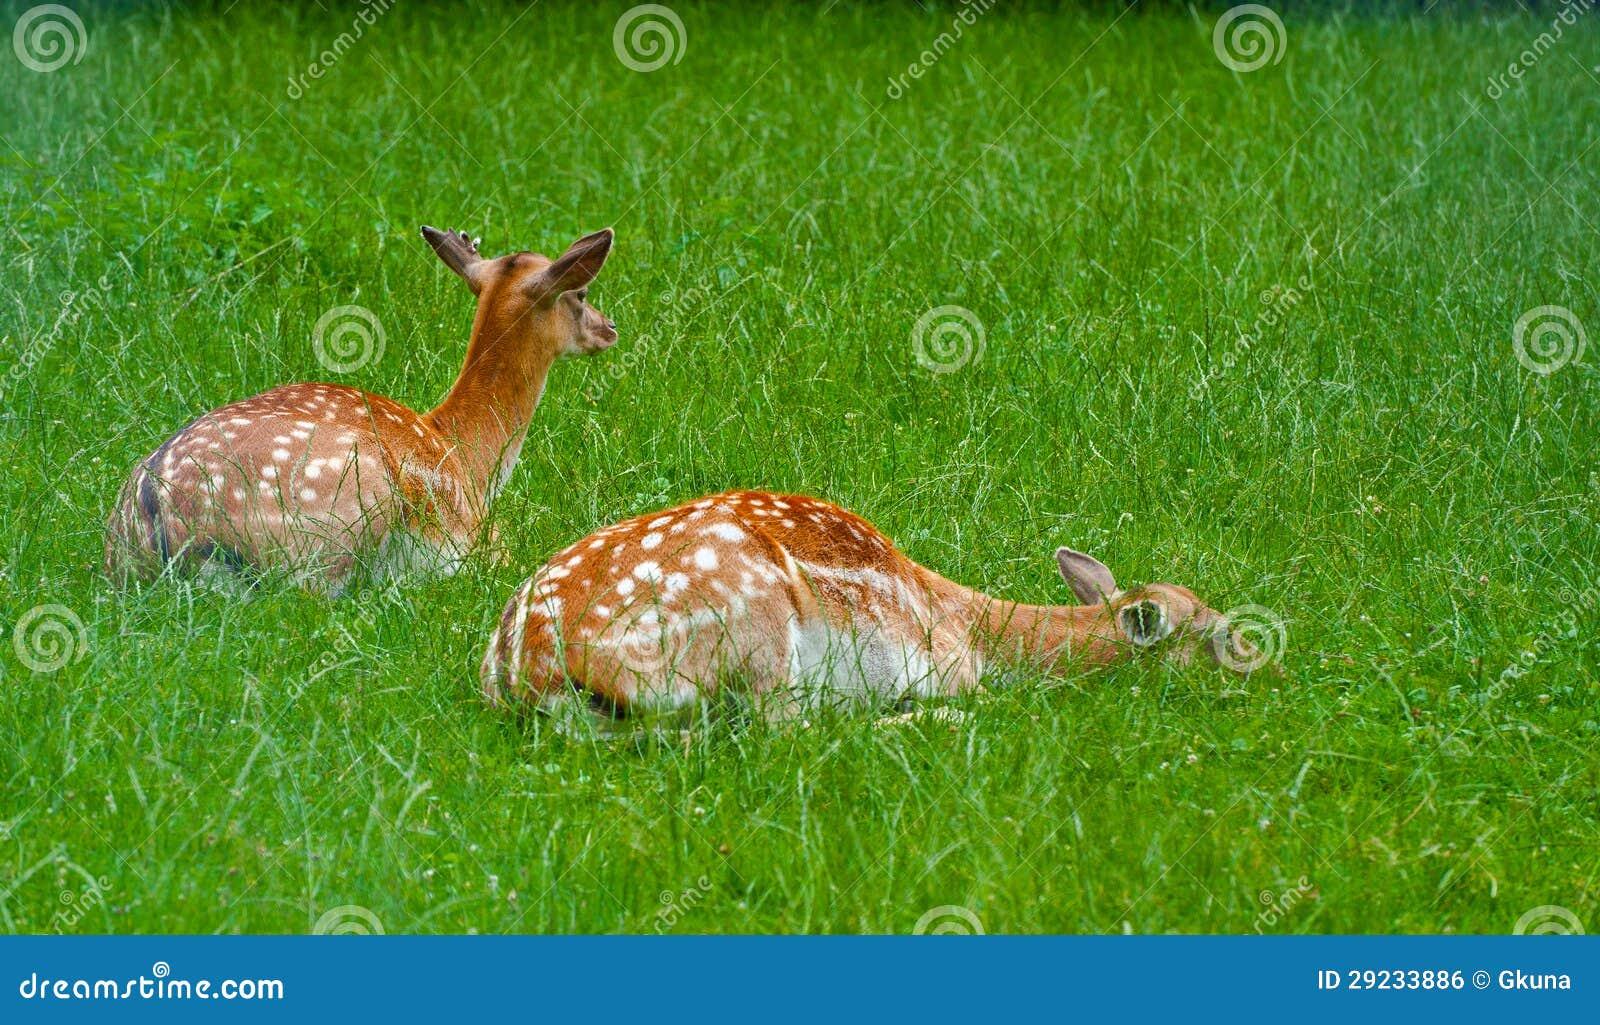 Download Cervos foto de stock. Imagem de bavaria, país, alimentação - 29233886